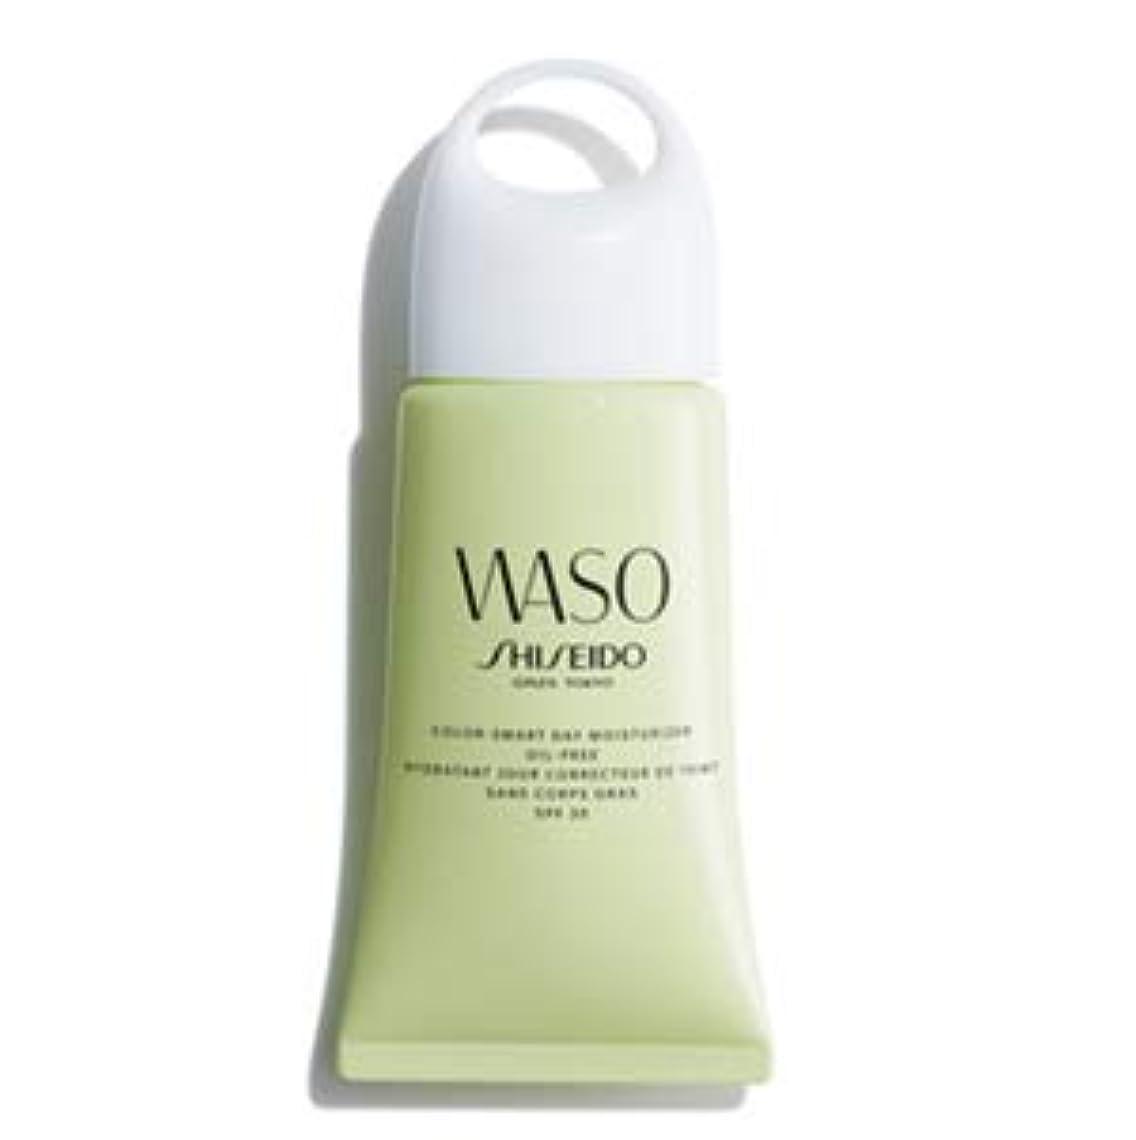 くちばしに対応するWASO(ワソウ) カラー スマート デー モイスチャライザー オイルフリー PA+++ / SPF30 (日中用乳液)_55g